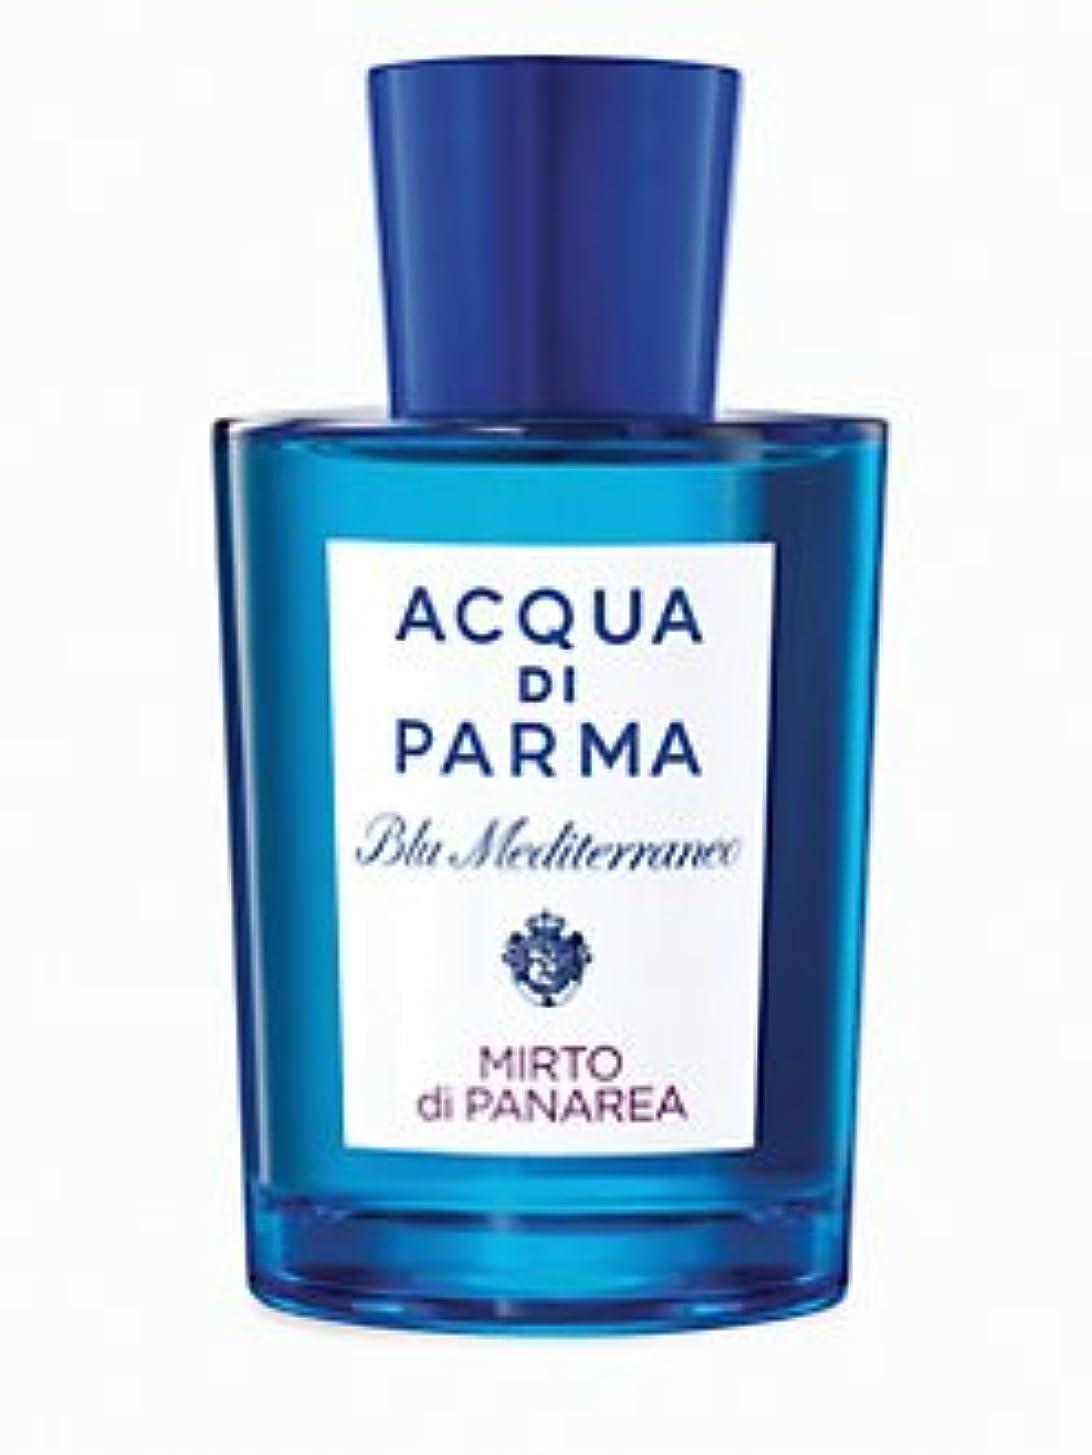 子孫懺悔電話するBlu Mediterraneo Mirto di Panarea (ブルー メディタレーネオ ミルト ディ パナレア) 5.0 oz (150ml) EDT Spray by Acqua di Parma